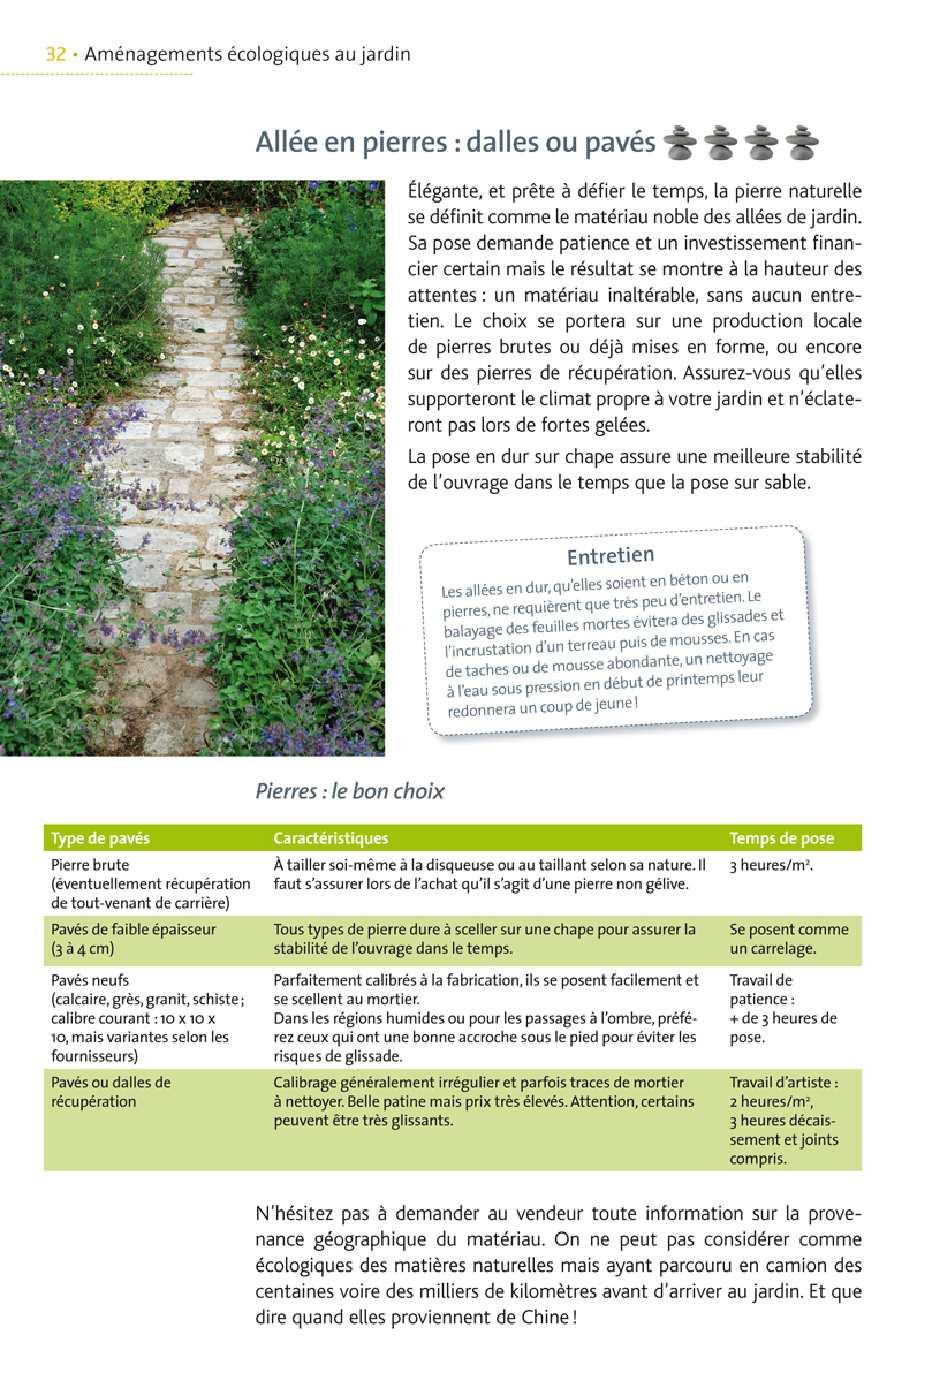 Aménagements écologiques au jardin - CALAMEO Downloader